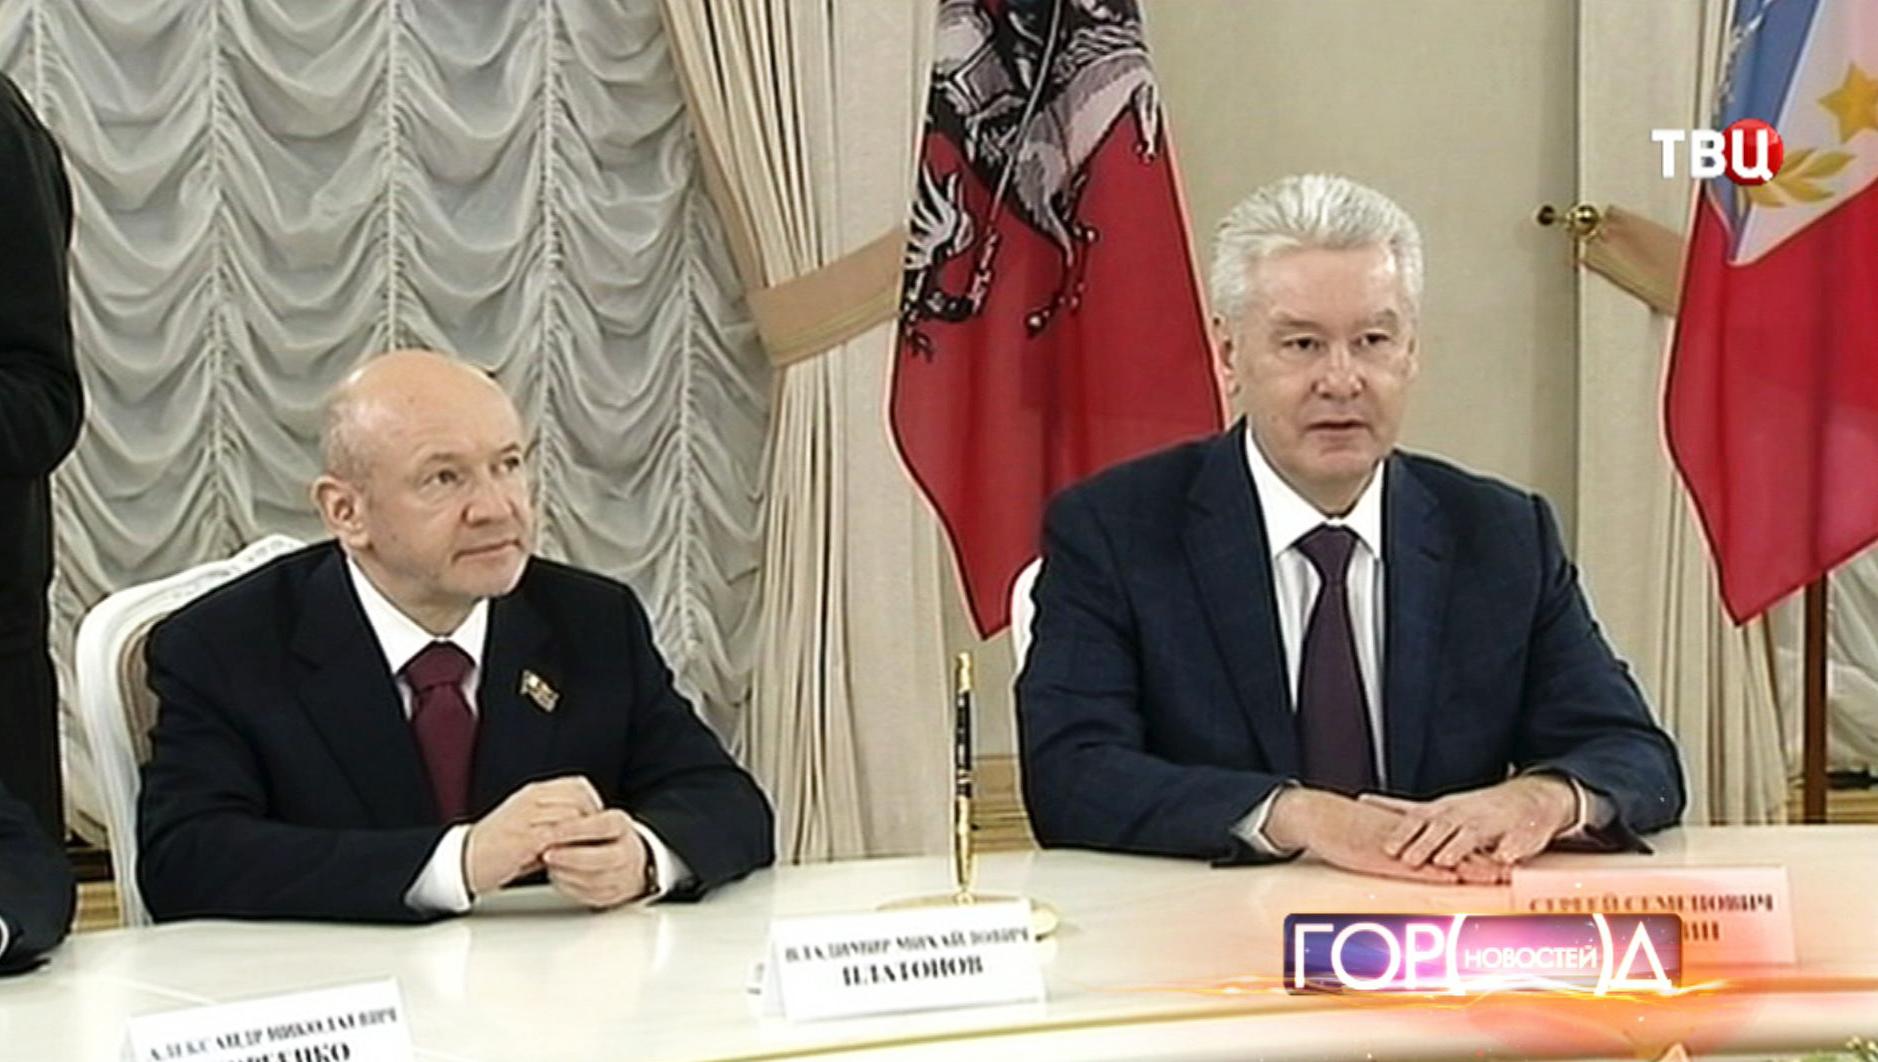 Мэр Москвы Сергей Собяни и председатель Московской городской думы Владимир Платонов